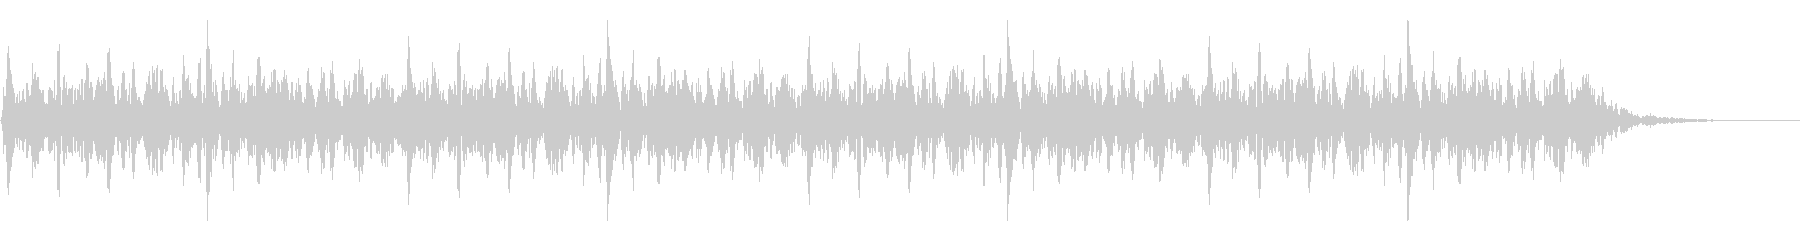 太鼓 躍動的 迫力 効果音 パターン#6の未再生の波形